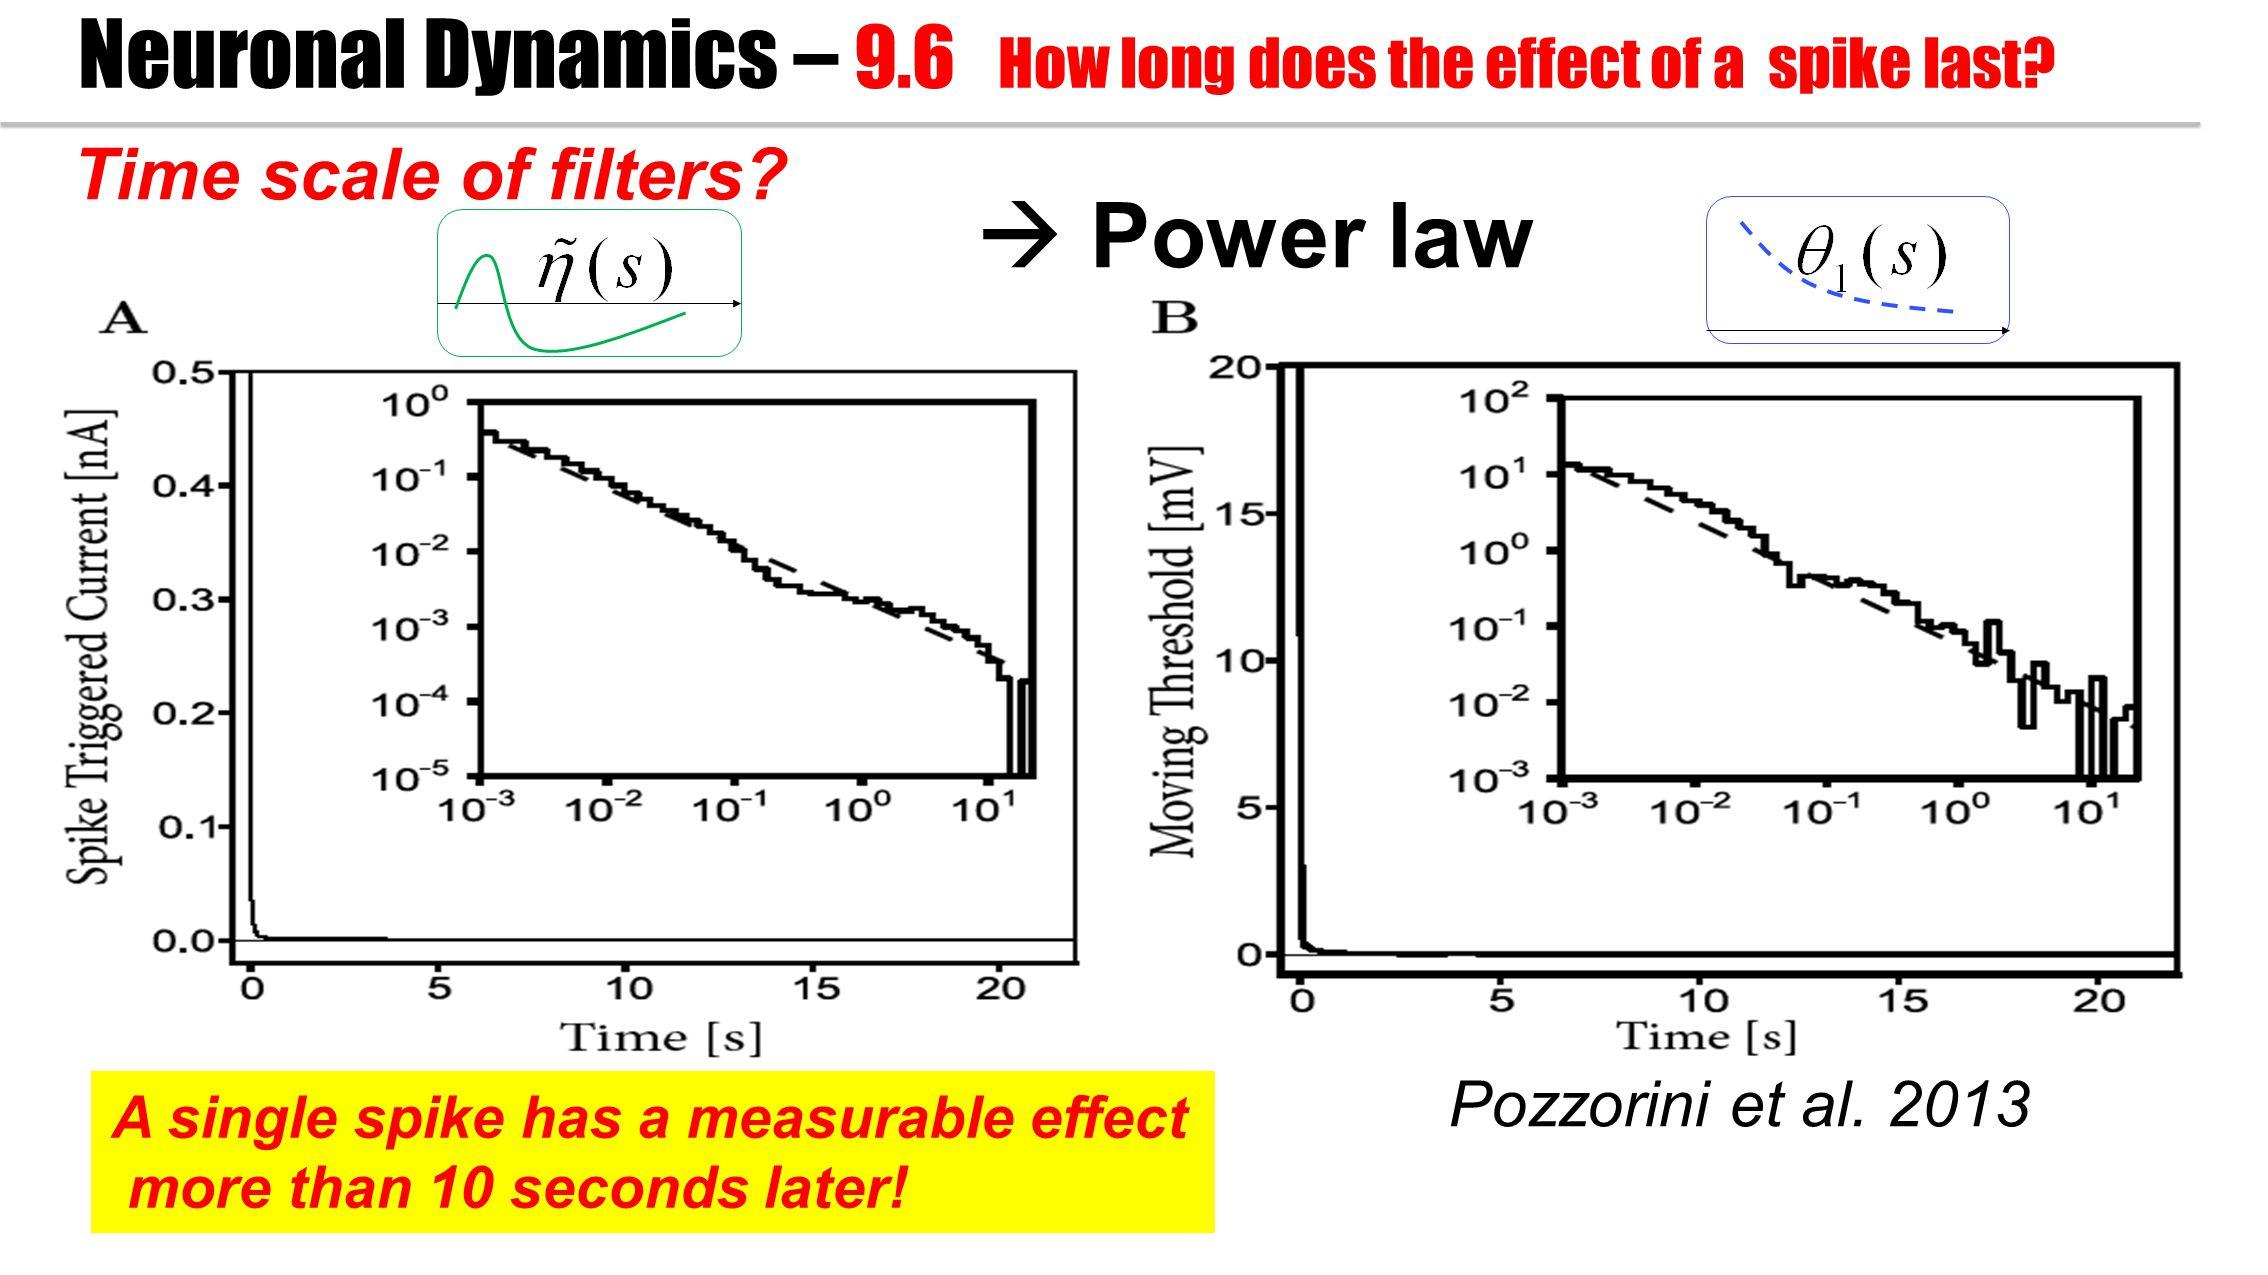 Pozzorini et al. 2013 Time scale of filters.